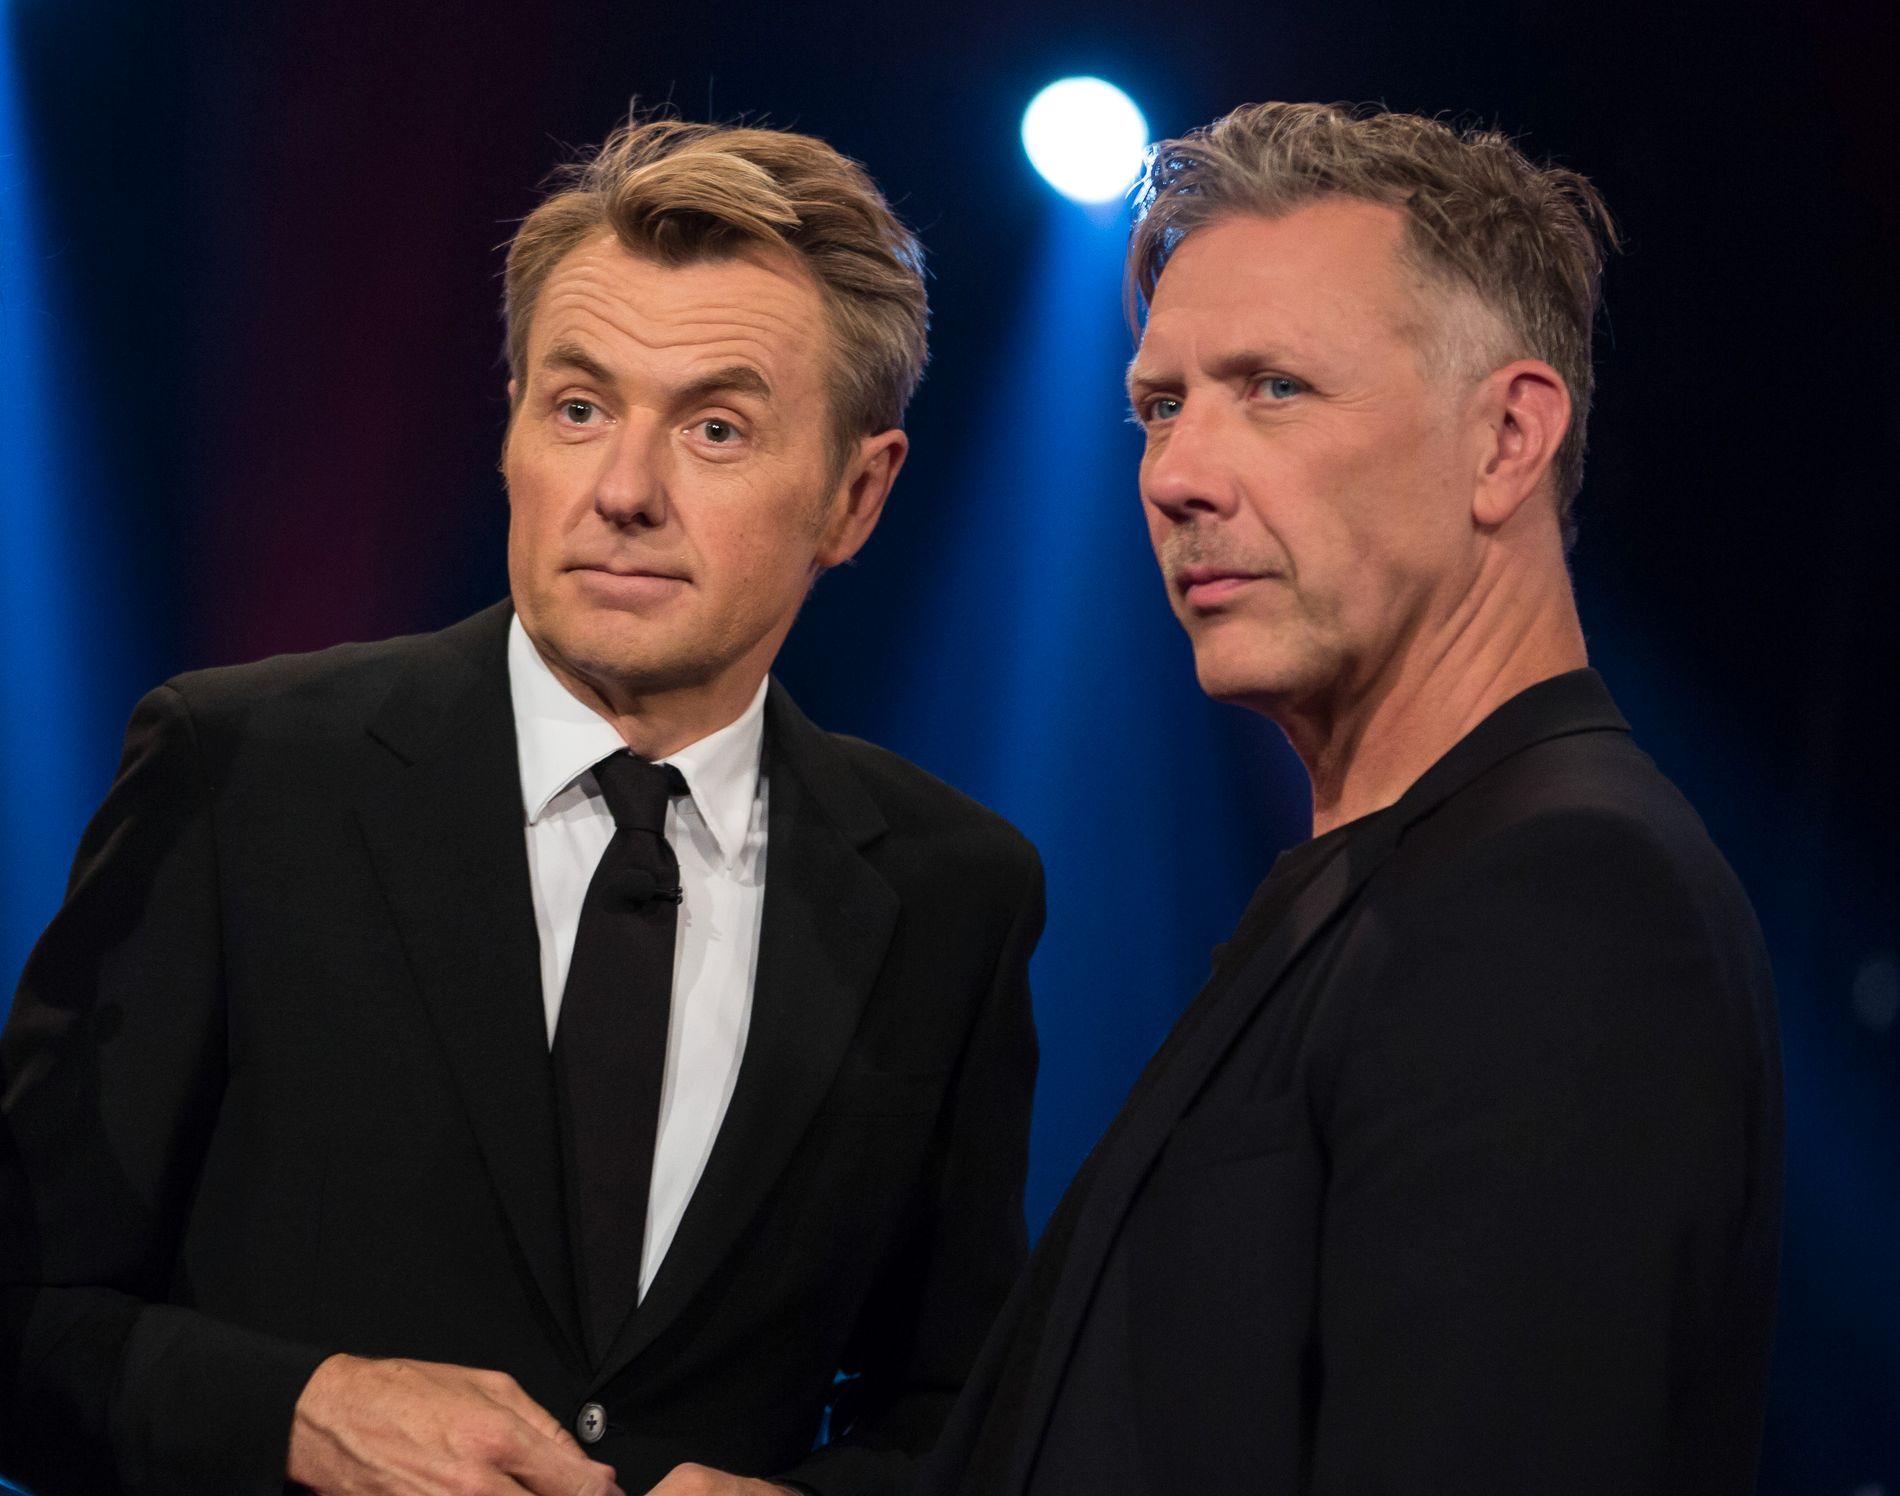 GJEST: Fredrik Skavlan inviterte samboerens ekskjæreste i TV-studio igjen. Her fra sesongpremieren på TV 2 i kveld.